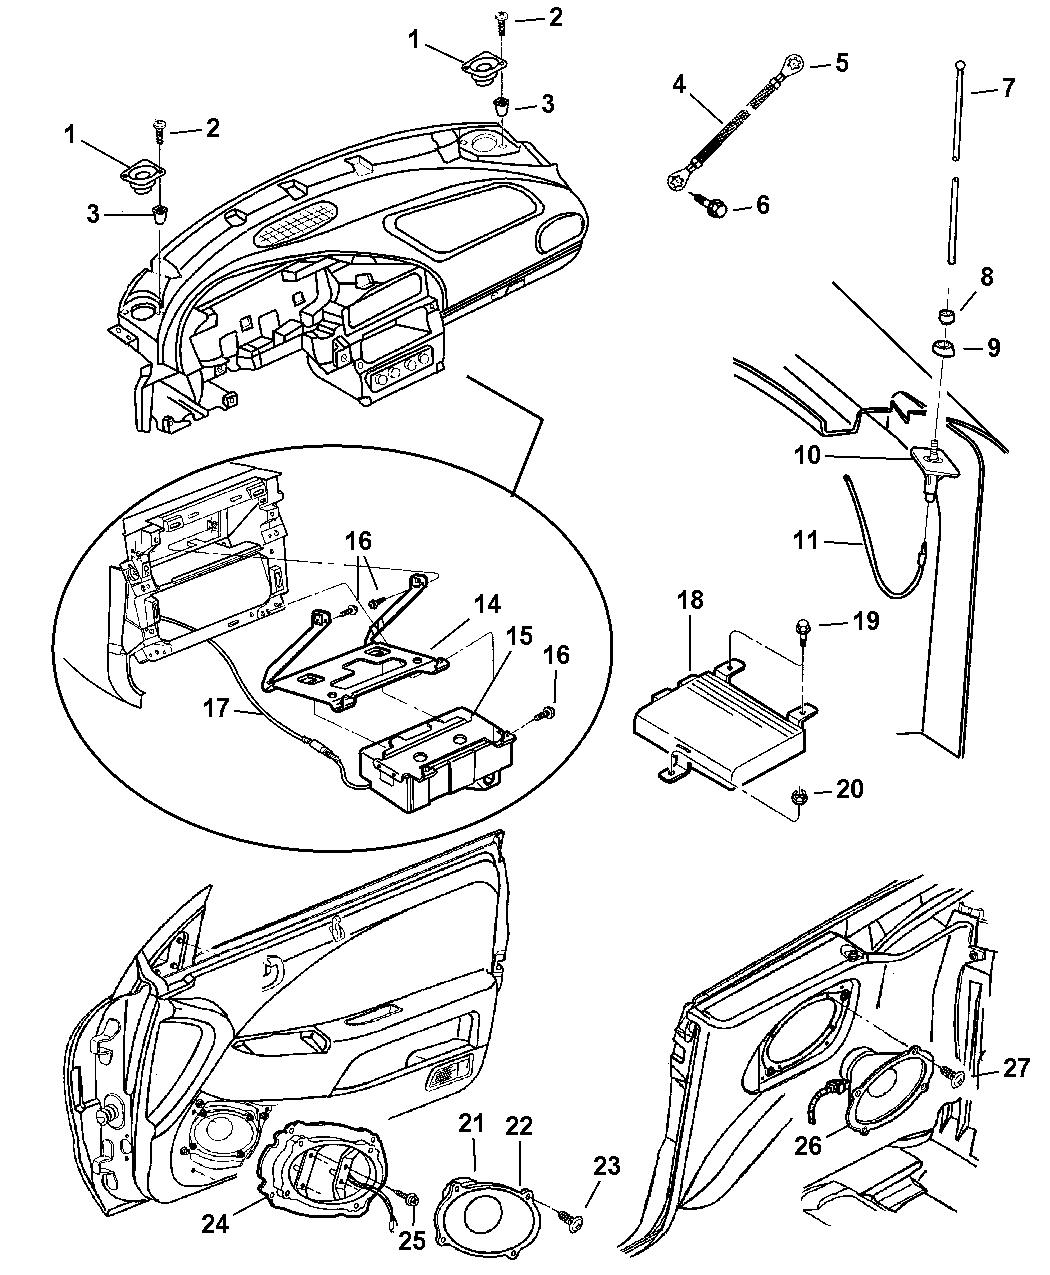 82202700 - Genuine Mopar Plyr Kit-cd Changer